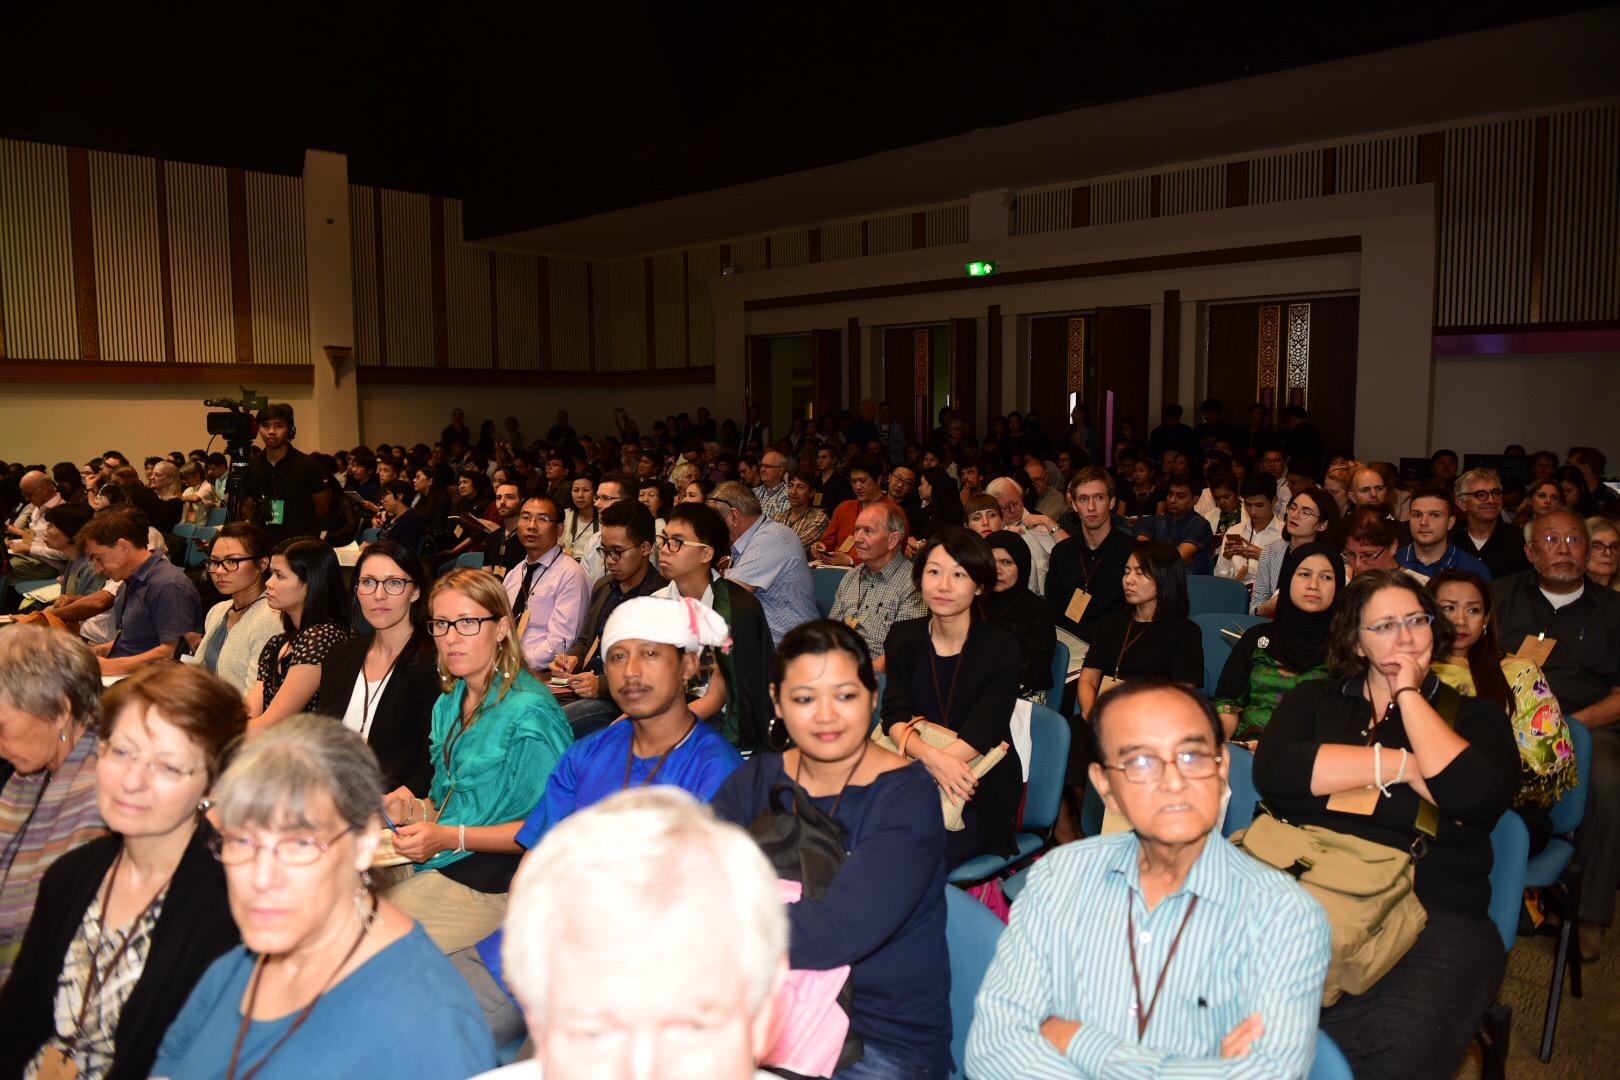 พิธีเปิดการประชุมวิชาการนานาชาติไทยศึกษา ครั้งที่ 13 เมื่อวันที่ 15 กรกฎาคม 2560